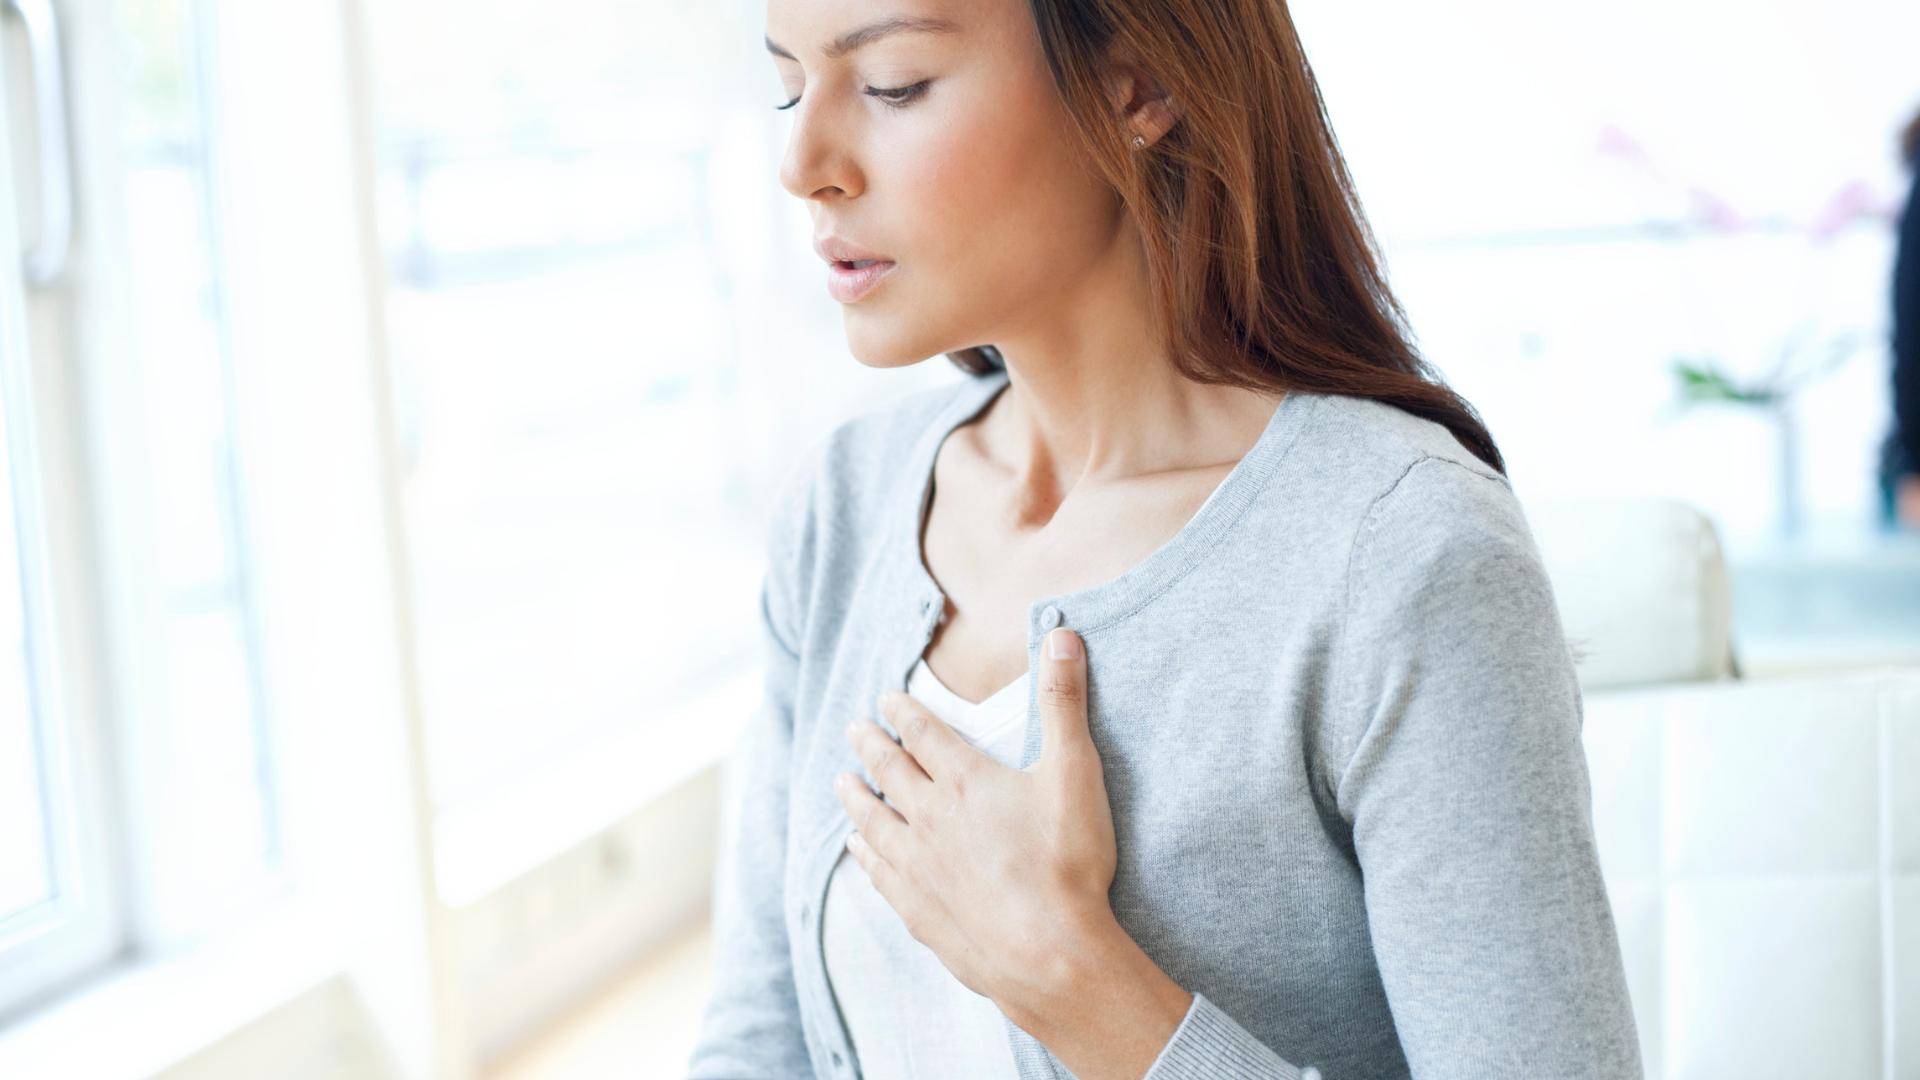 dýchací ústrojí a jeho vztah k dalším strukturám